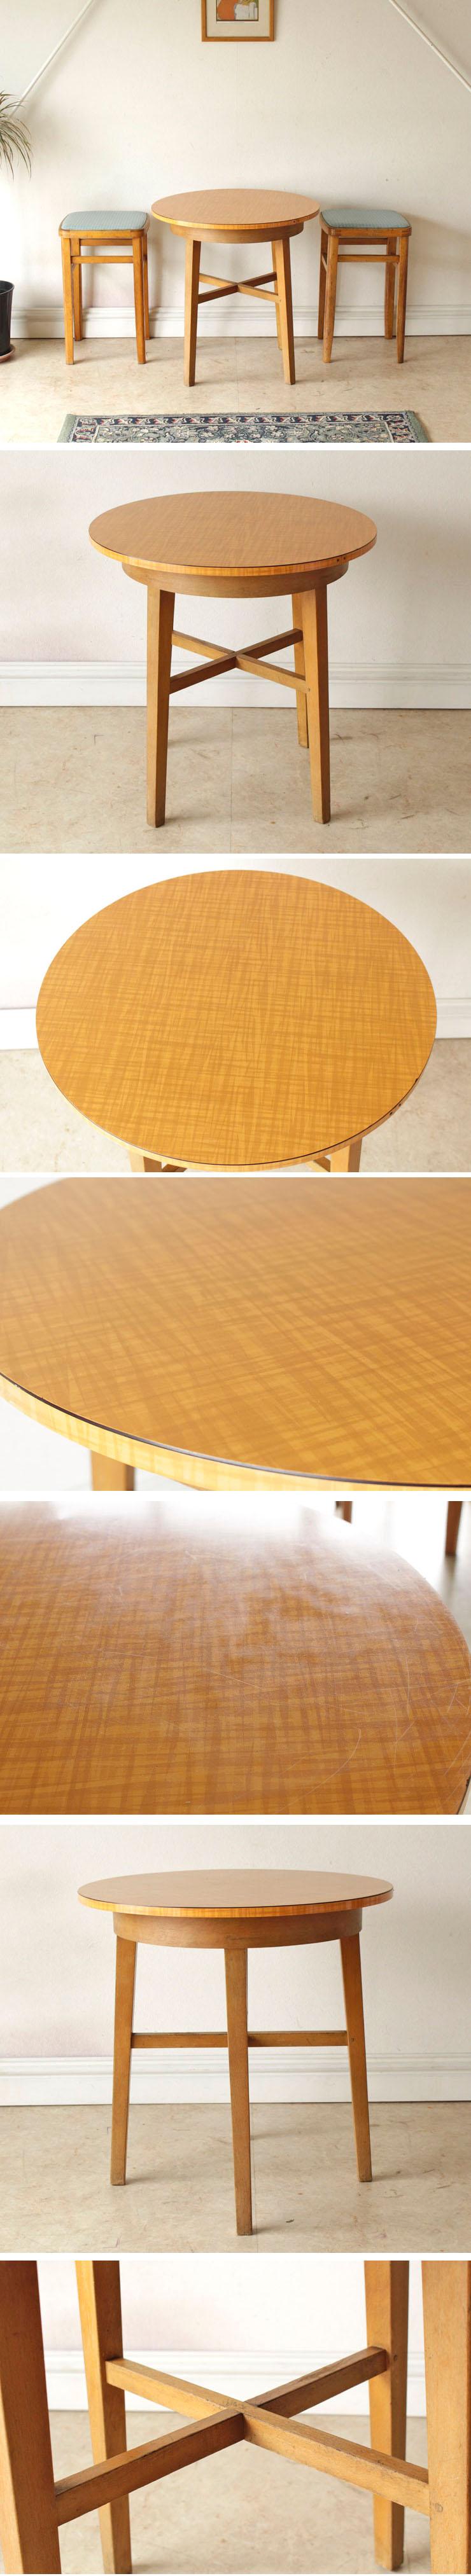 イギリス・Formica・フォーマイカ・ビンテージ・パブテーブル・コーヒーテーブル・アンティーク・レトロ・ブロカント